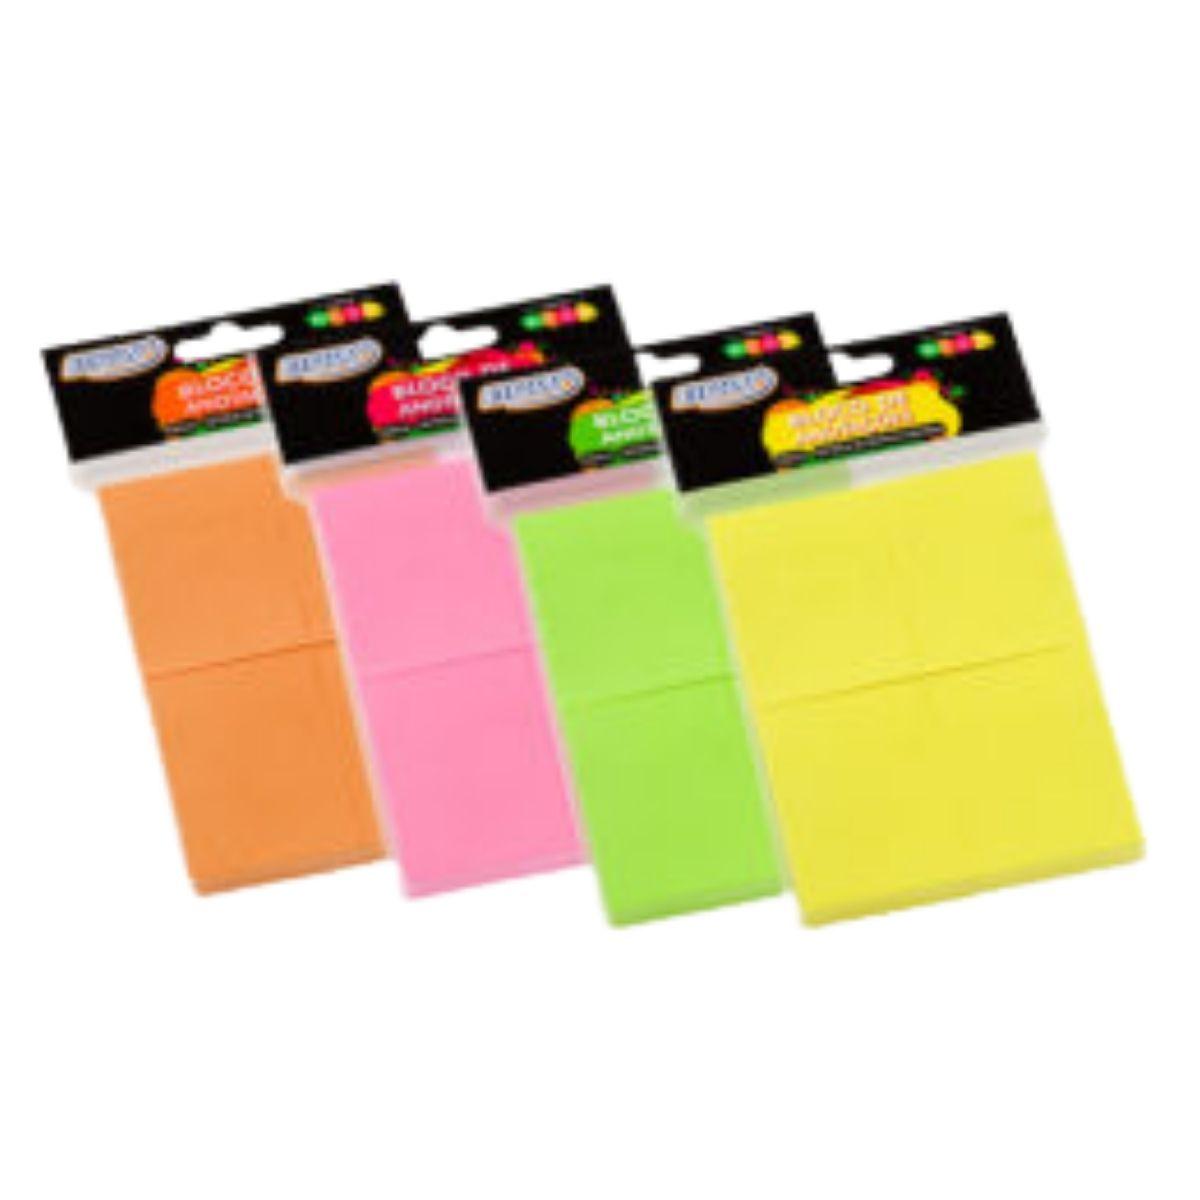 Bloco Adesivo BRW Smart Notes Neon 38x51mm 4 Blocos